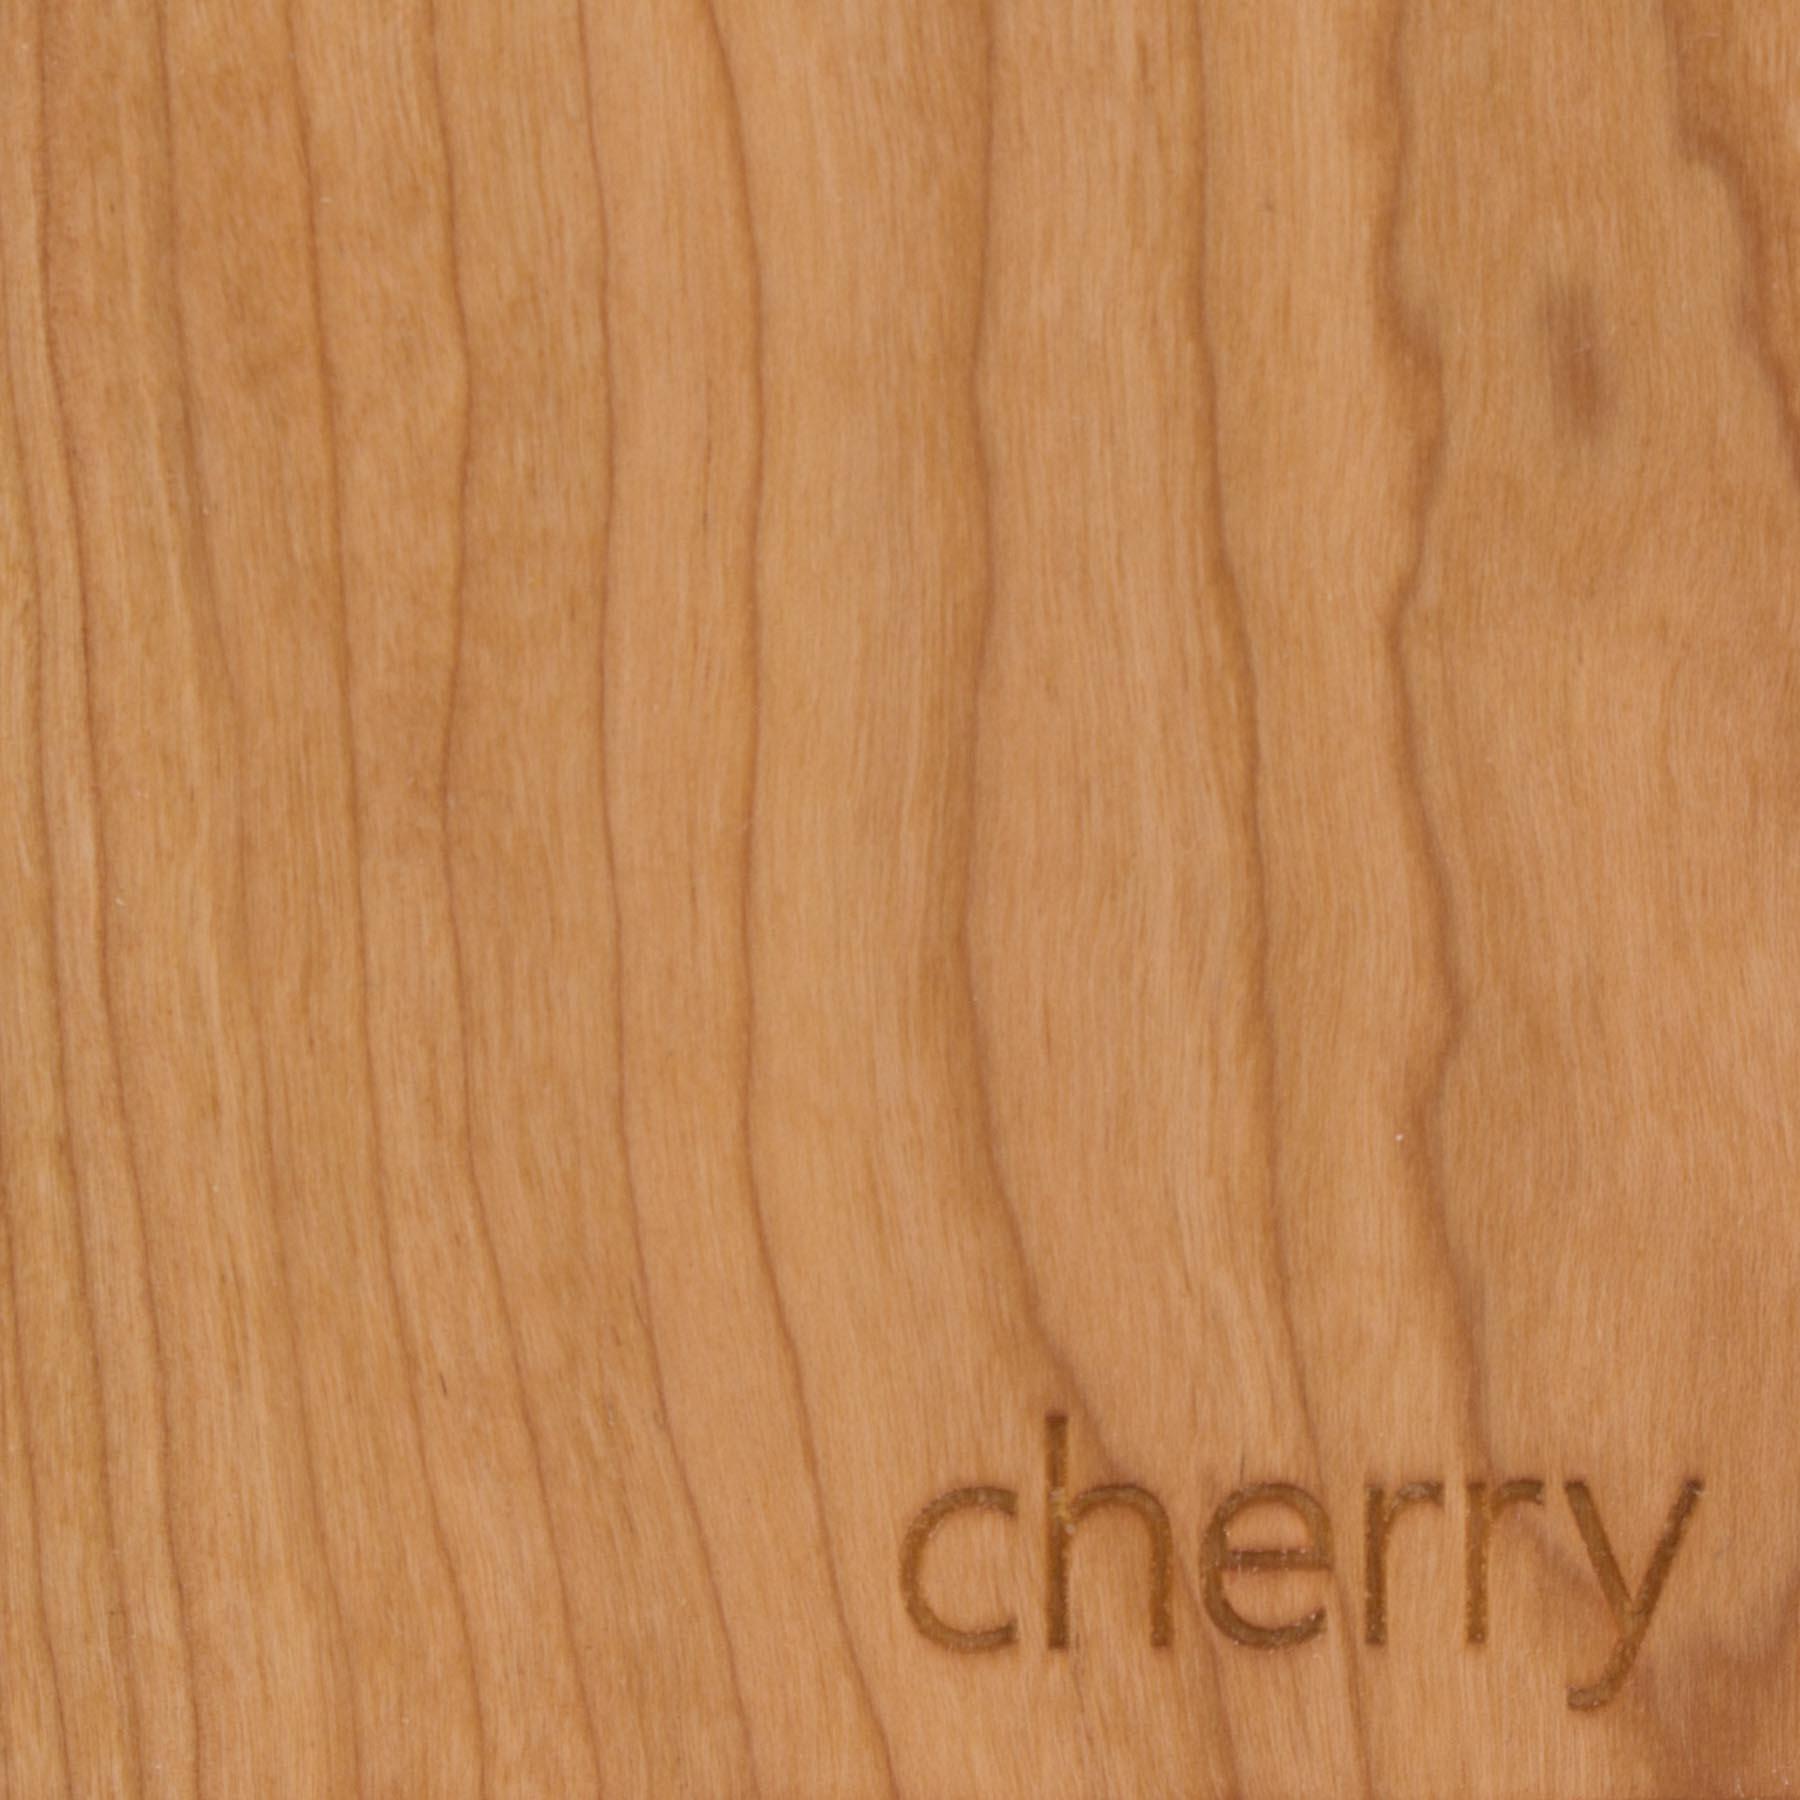 CherrySample.jpg